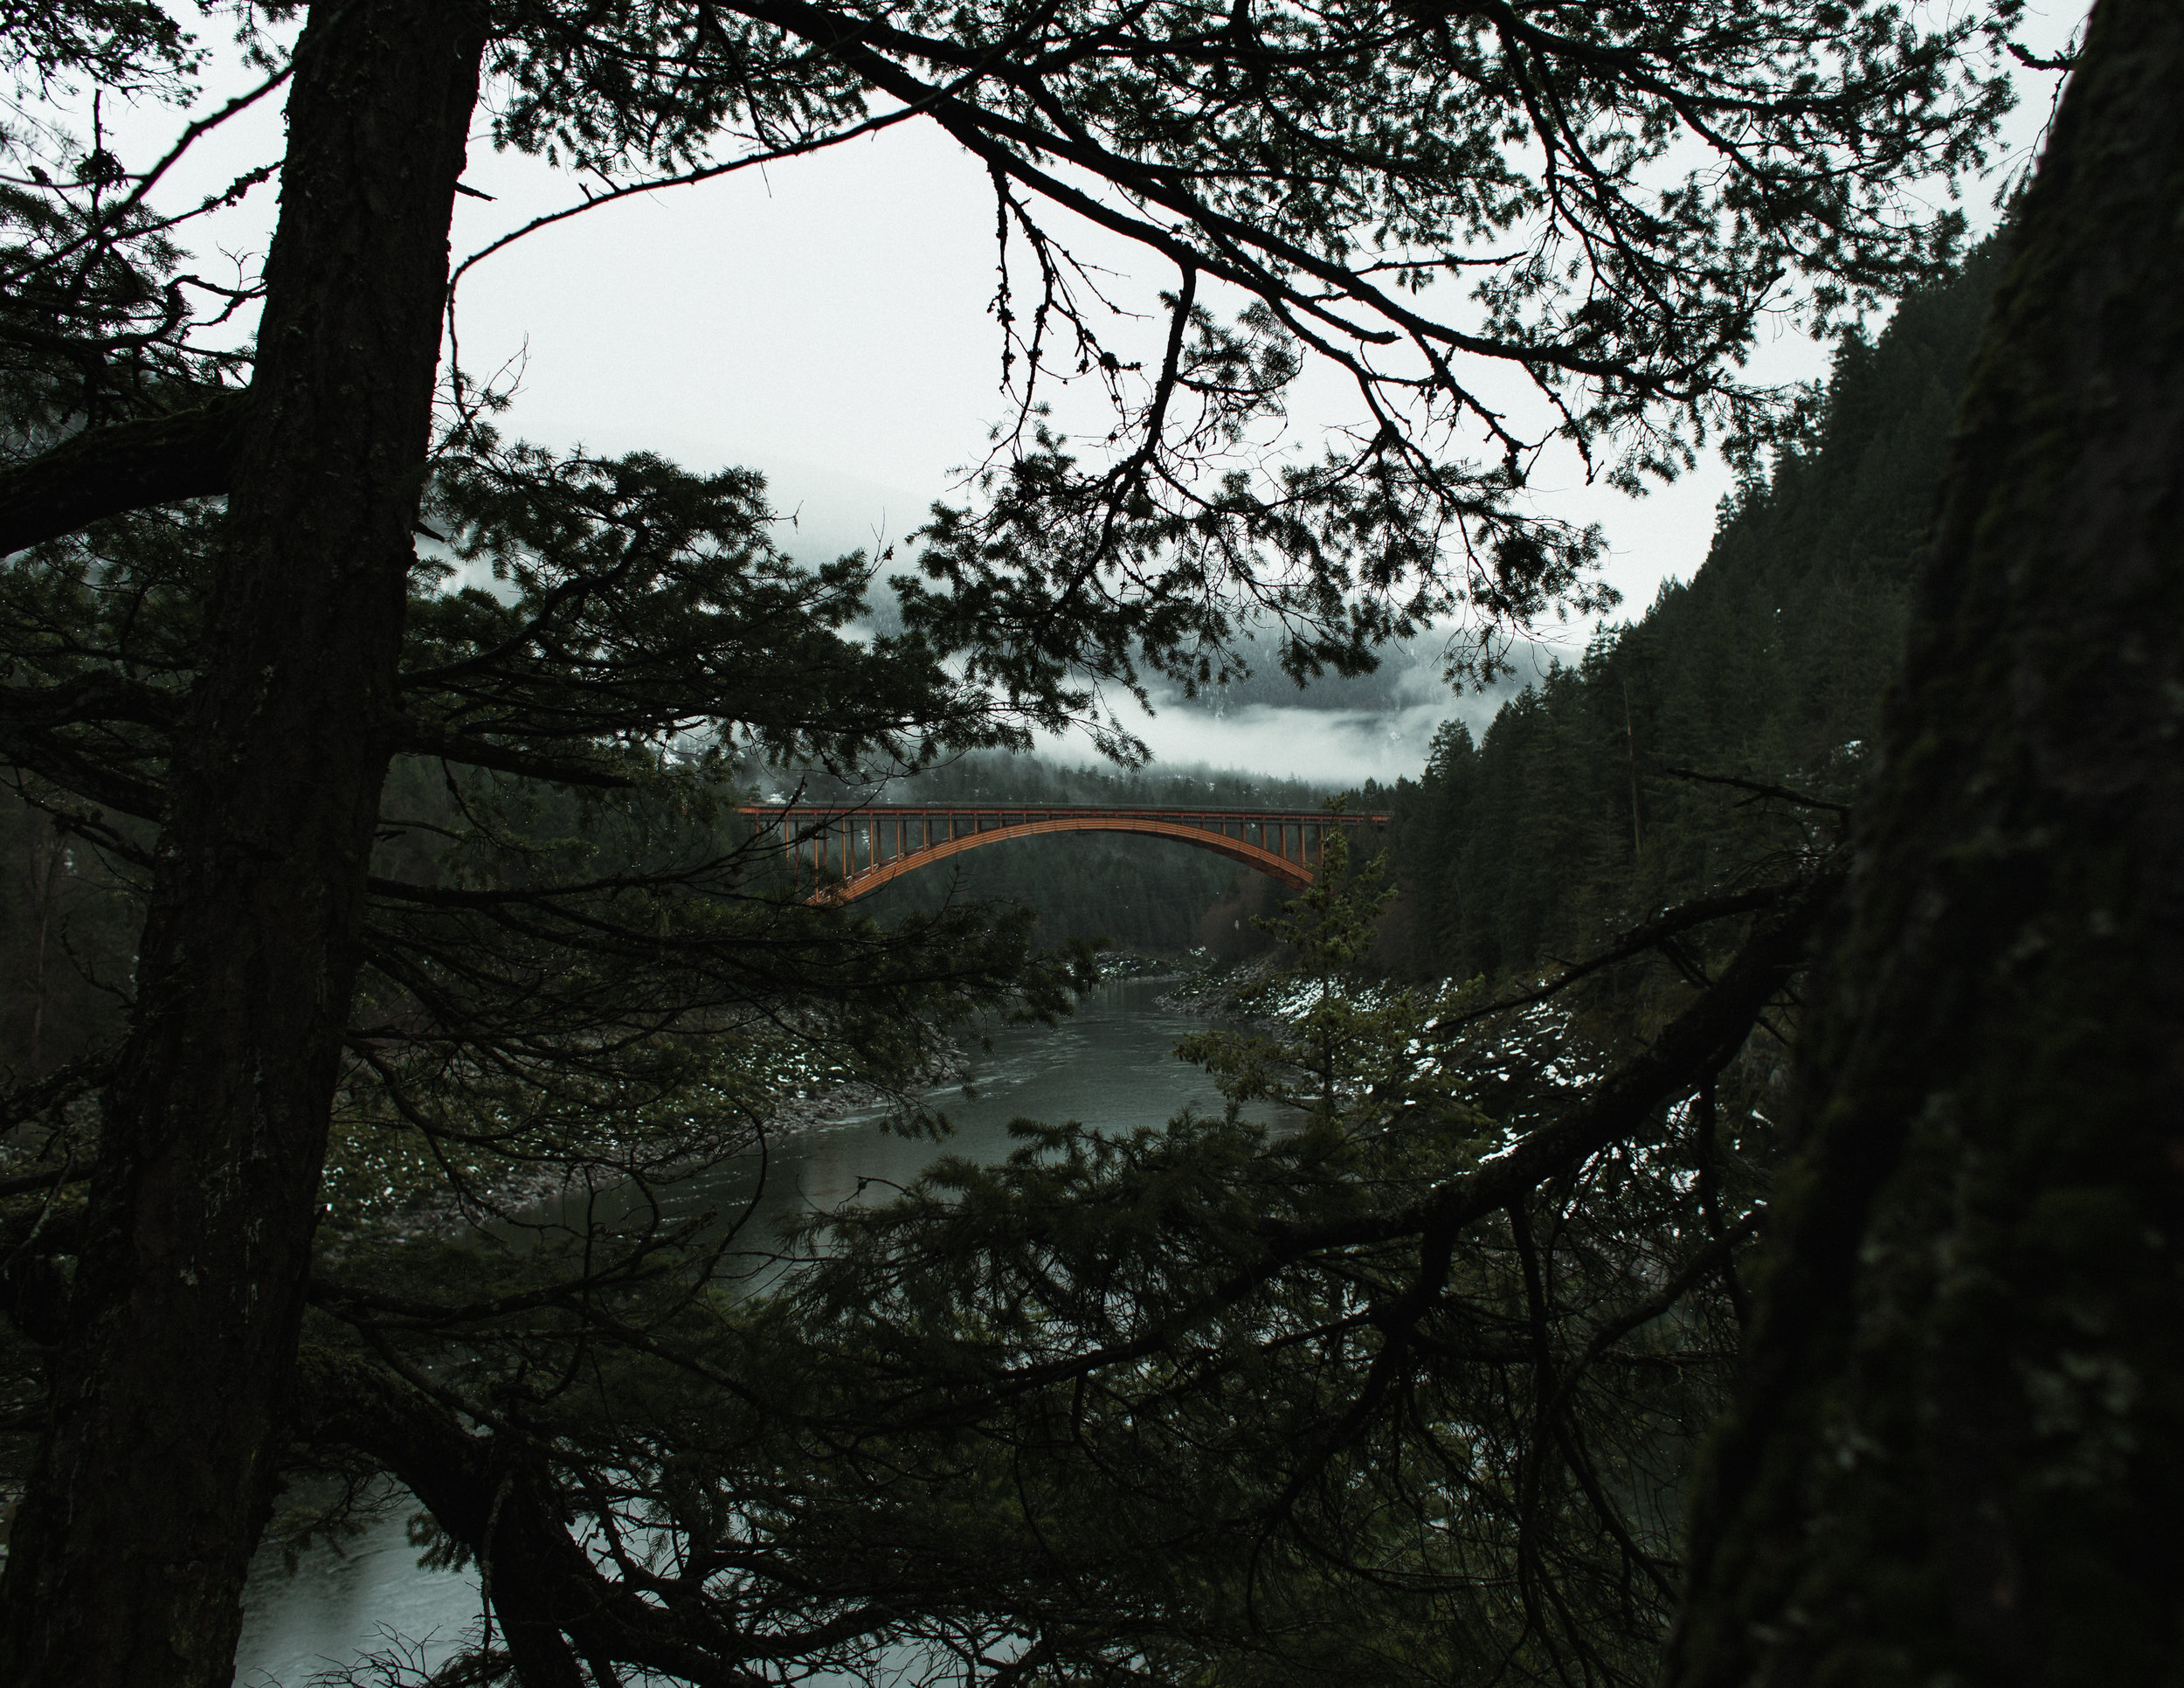 alexandra bridge-3.jpg